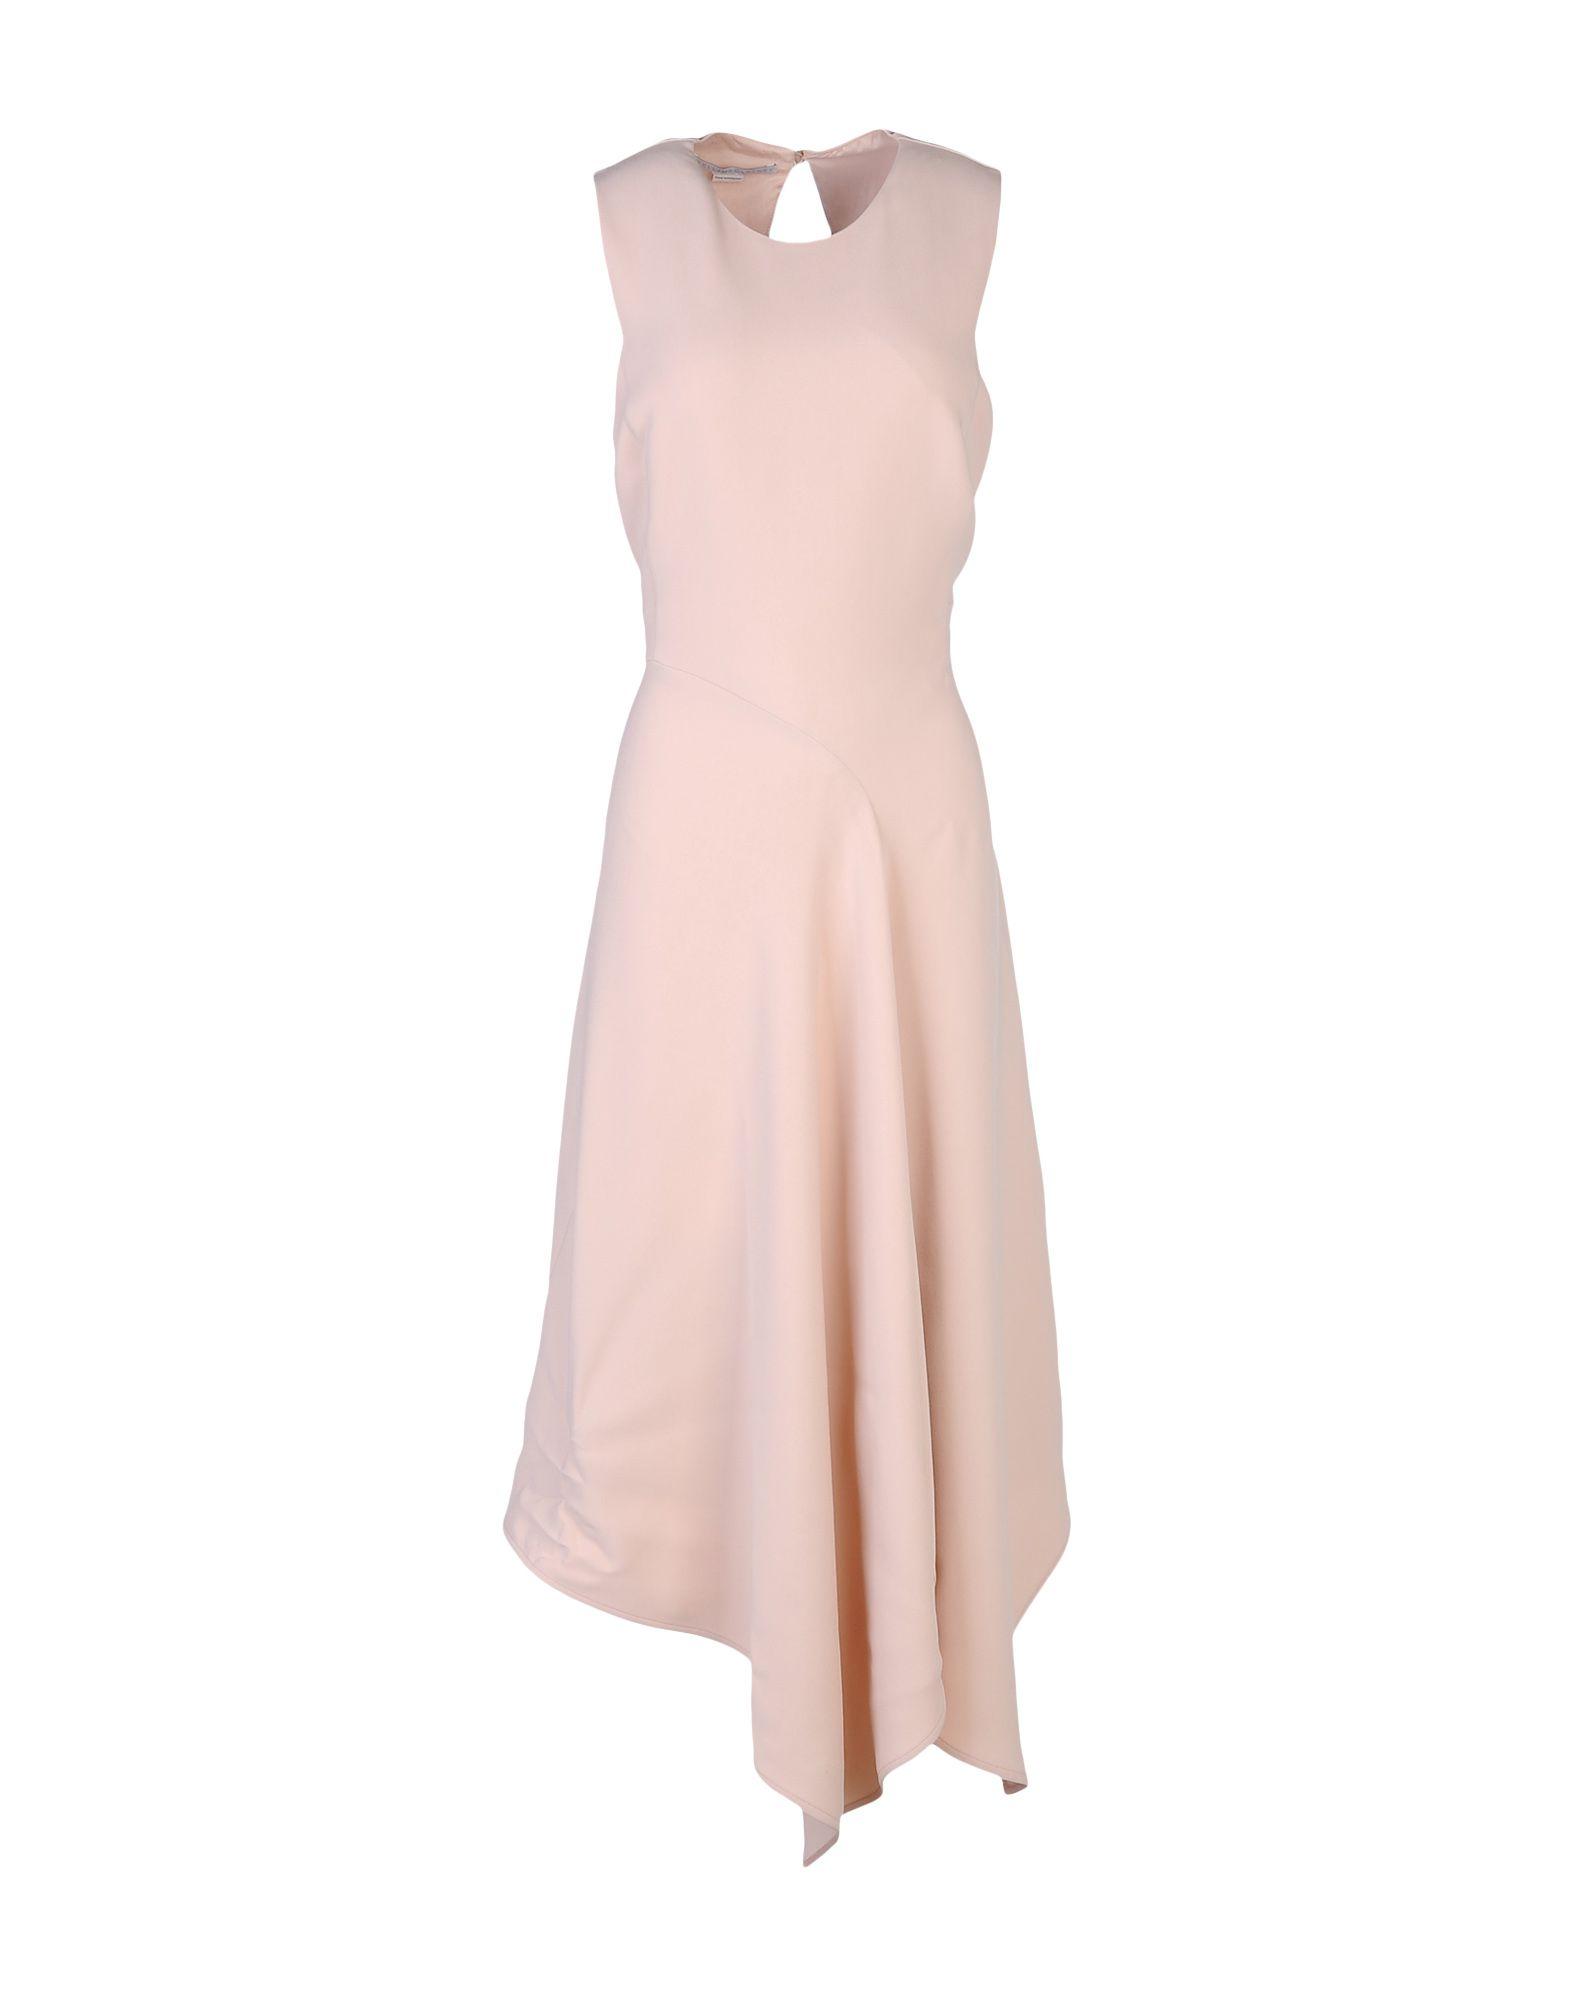 Robe Aux Genoux Stella Mccartney Femme - Robes Aux Genoux Stella Mccartney  sur YOOX - 34788169UI 74bd670342c